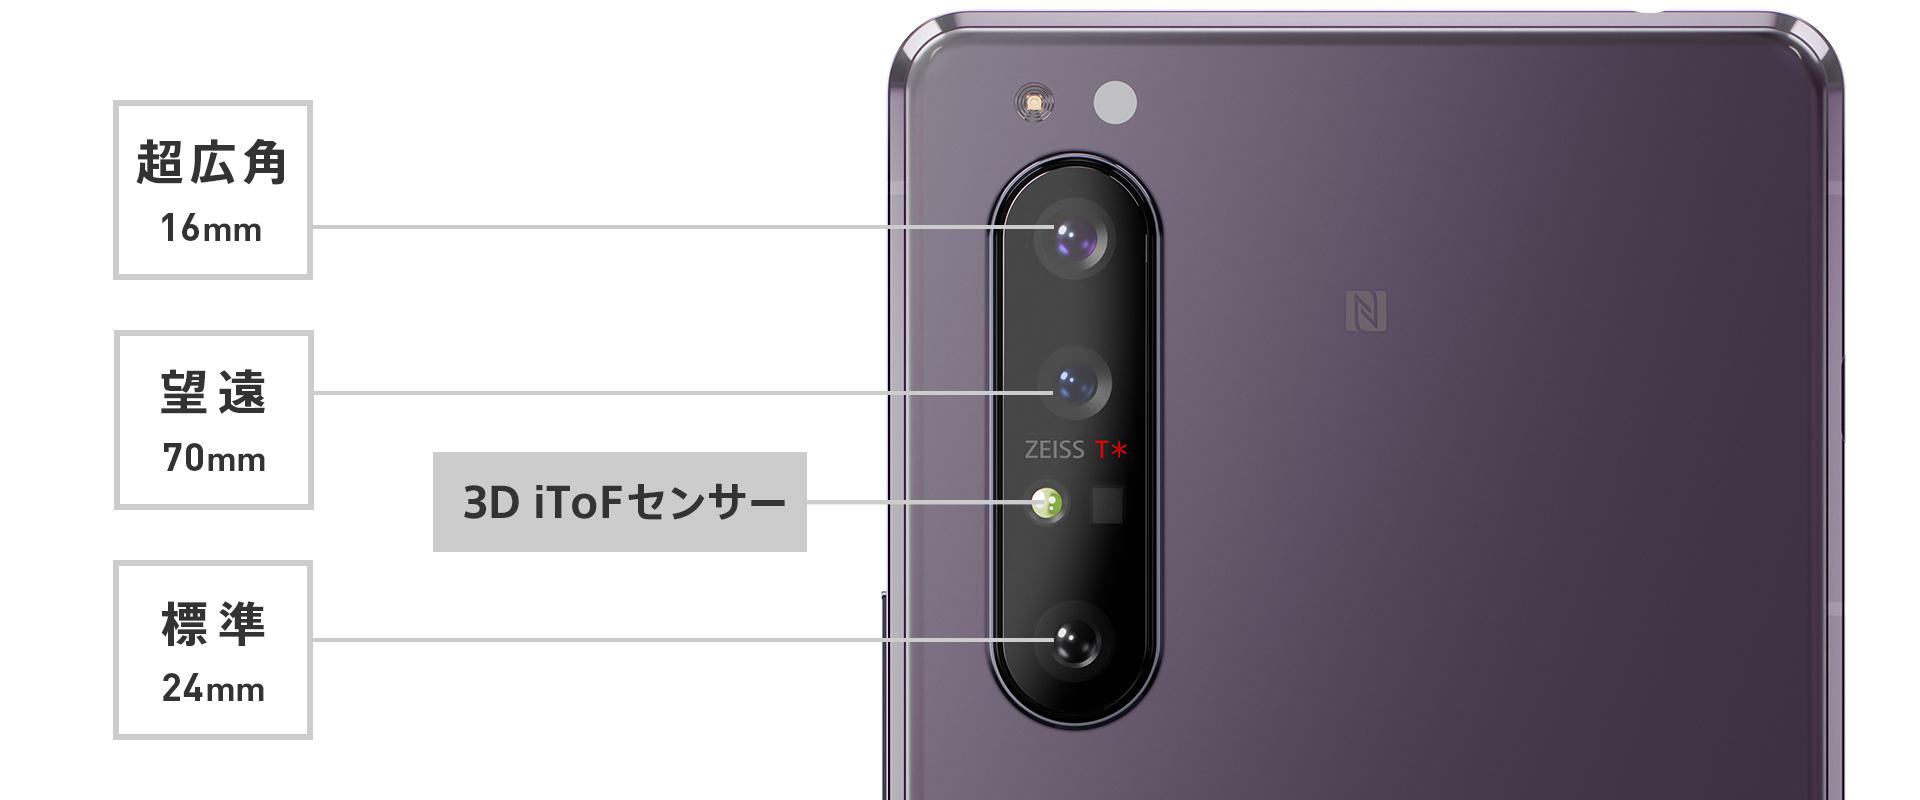 トリプルレンズカメラ+3D iToF